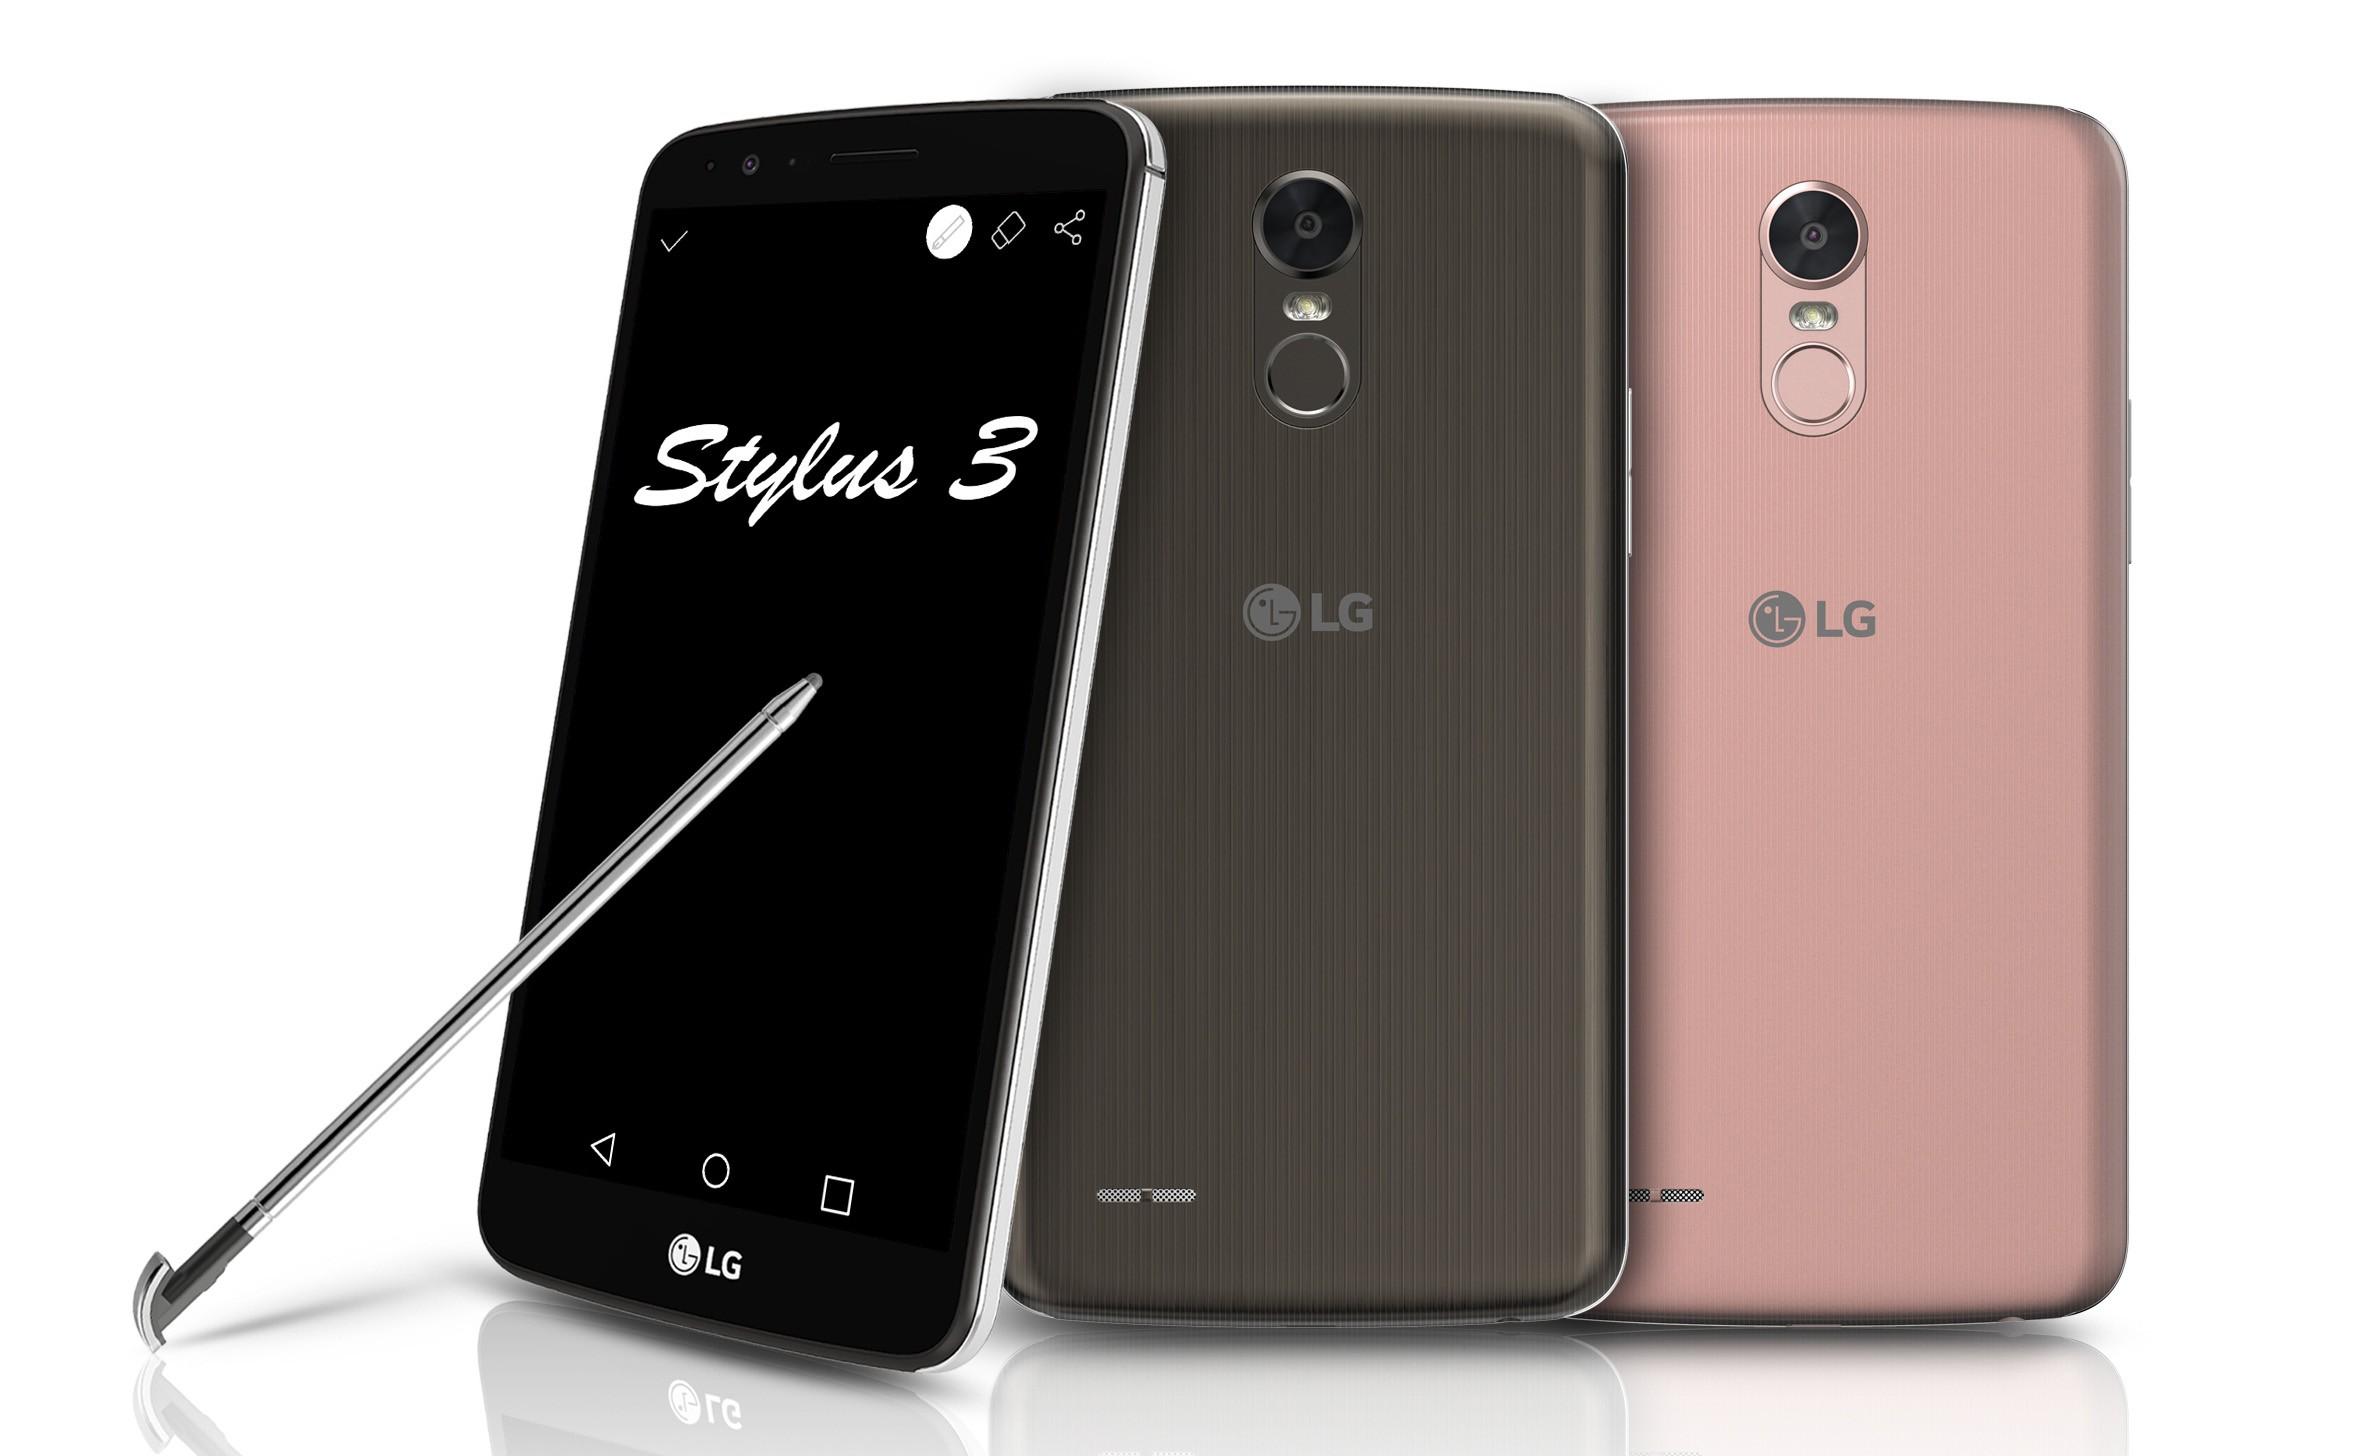 LGStylus 3 сейчас можно приобрести в Российской Федерации